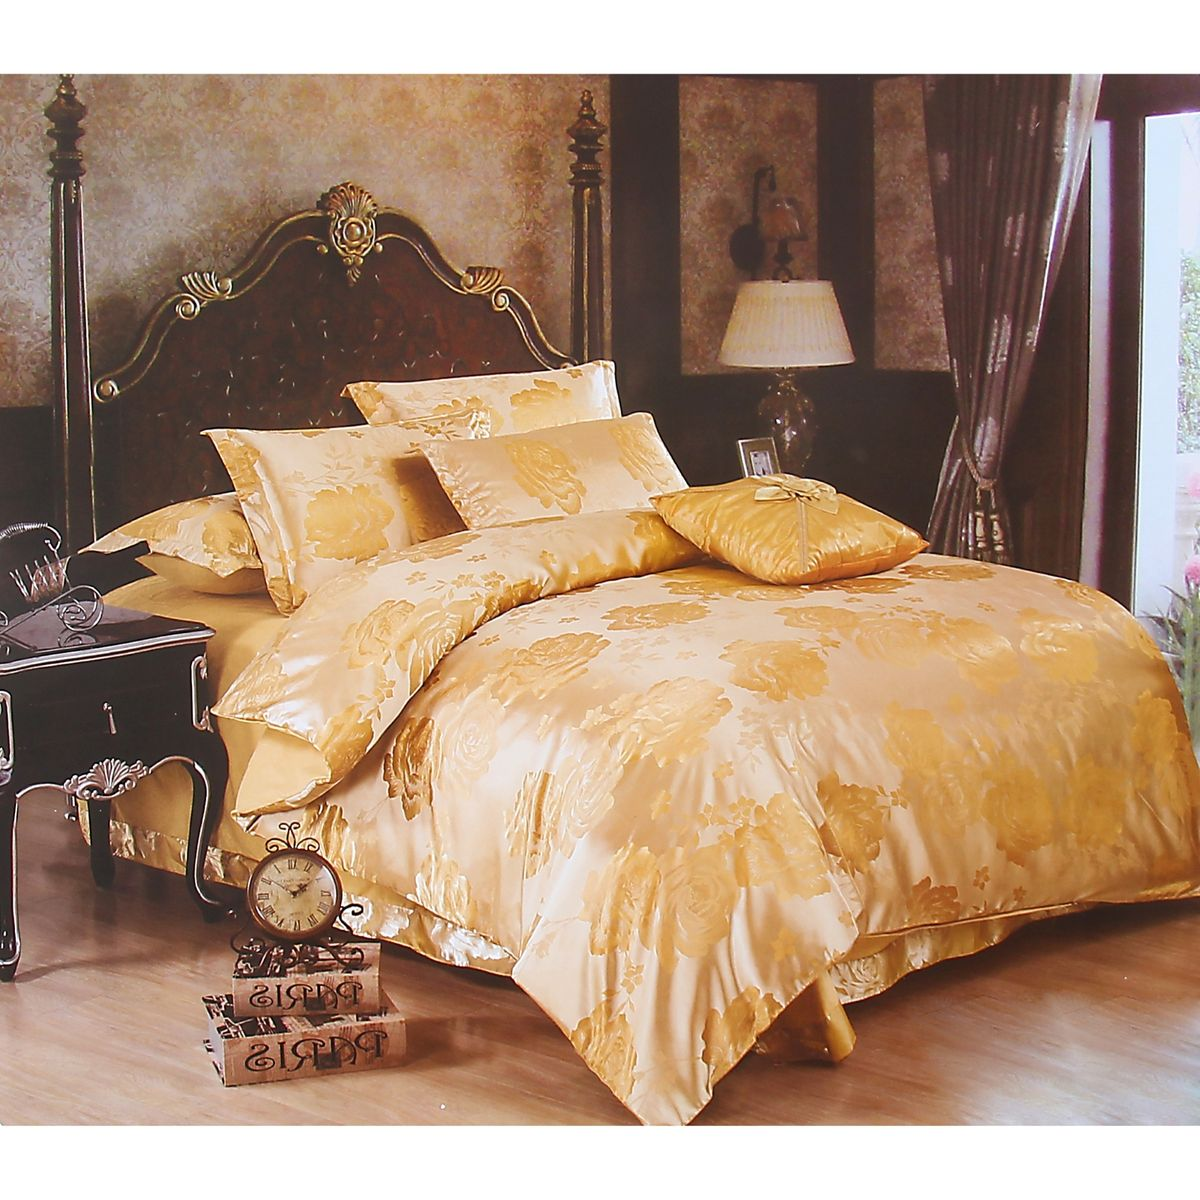 Комплект белья Этель Комильфо, евро, наволочки 50x70, цвет: бежевый, золотистыйCA-3505Комплект постельного белья Этель Комильфо состоит из пододеяльника на молнии, простыни и двух наволочек. Удивительной красоты вышивка, нанесенная на белье, сочетает в себе нежность и теплоту.Постельное белье Этель Комильфо создано для романтичных натур, которые любят изысканный дизайн. Белье изготовлено из 100% хлопка и тканного жаккарда отвечающего всем необходимым нормативным стандартам.Жаккард - это ткань фактурного плетения, в которой нити очень плотно переплетены и образуют узорчатый рельеф. Это очень практичный материал, неприхотливый в уходе, более долговечный, по сравнению с другими тканями, полученными одним из простых способов плетения.Приобретая комплект постельного белья Этель Комильфо, вы можете быть уверенны в том, что покупка доставит вам ивашим близким удовольствие и подарит максимальный комфорт.